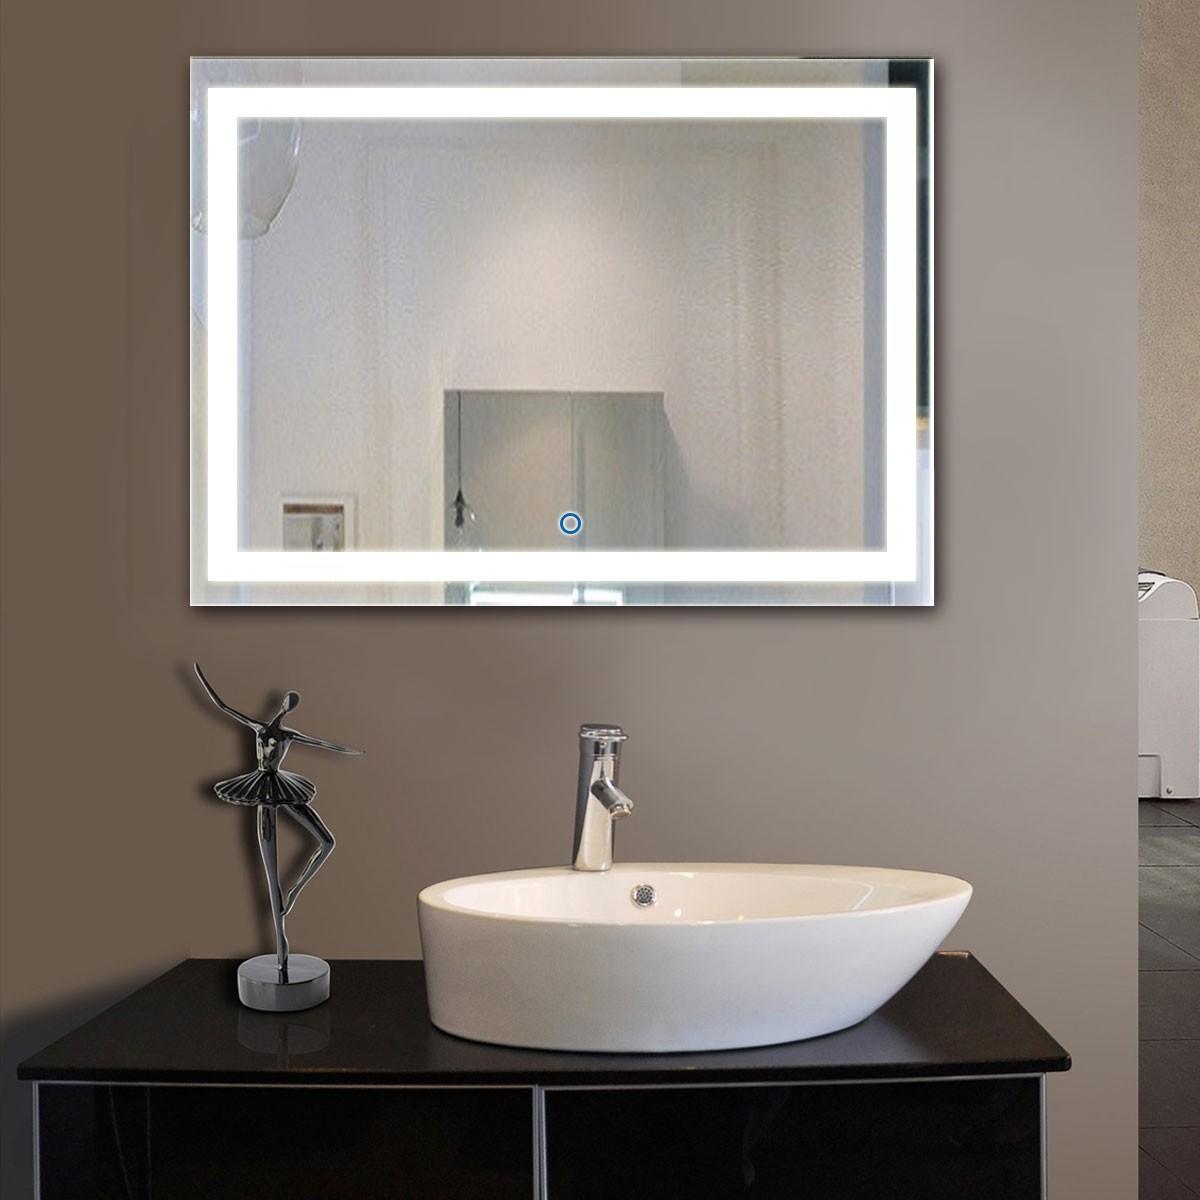 48 x 36 po Miroir LED Salle de Bain Horizontal avec l Interrupteur